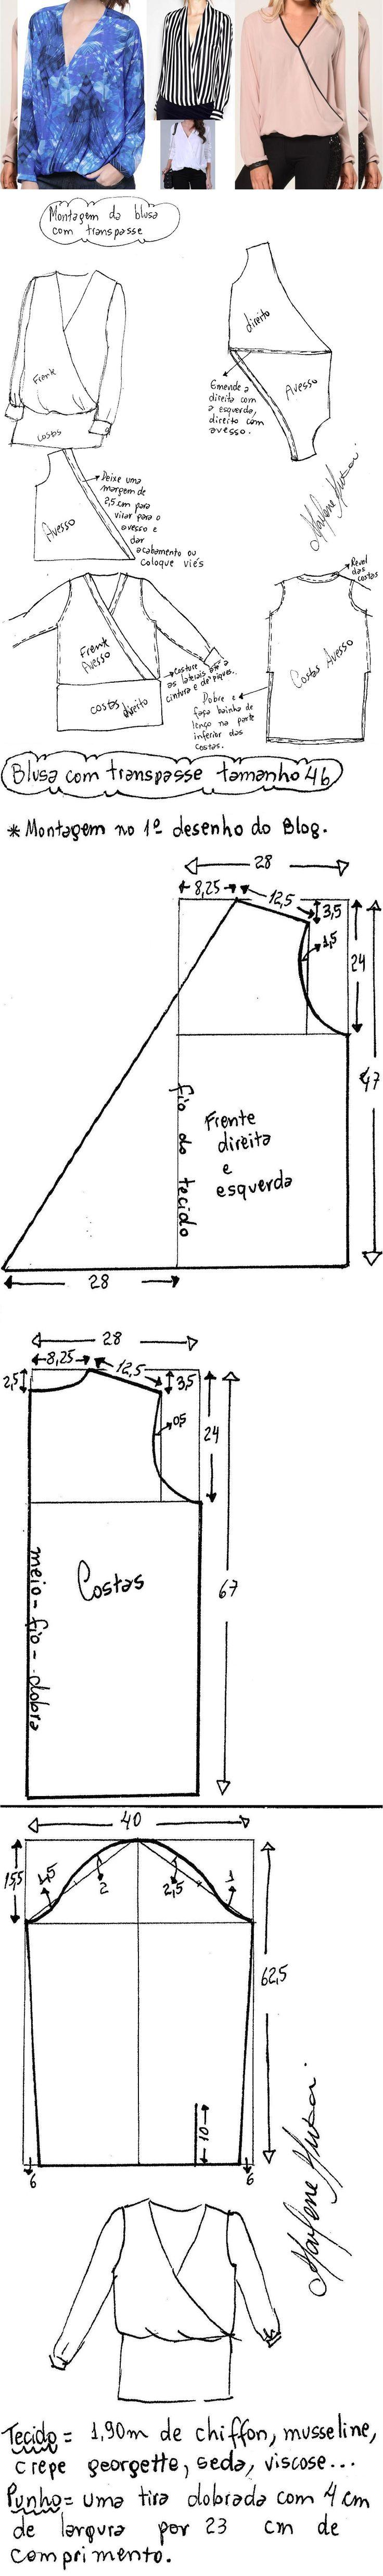 DIY – molde, corte e costura – Marlene Mukai. Blusa transpassada. Uma blusa fácil de fazer com transpasse somente na frente e esquema de modelagem do 36 ao 56. No primeiro desenho abaixo se encontra a forma de montar a blusa.